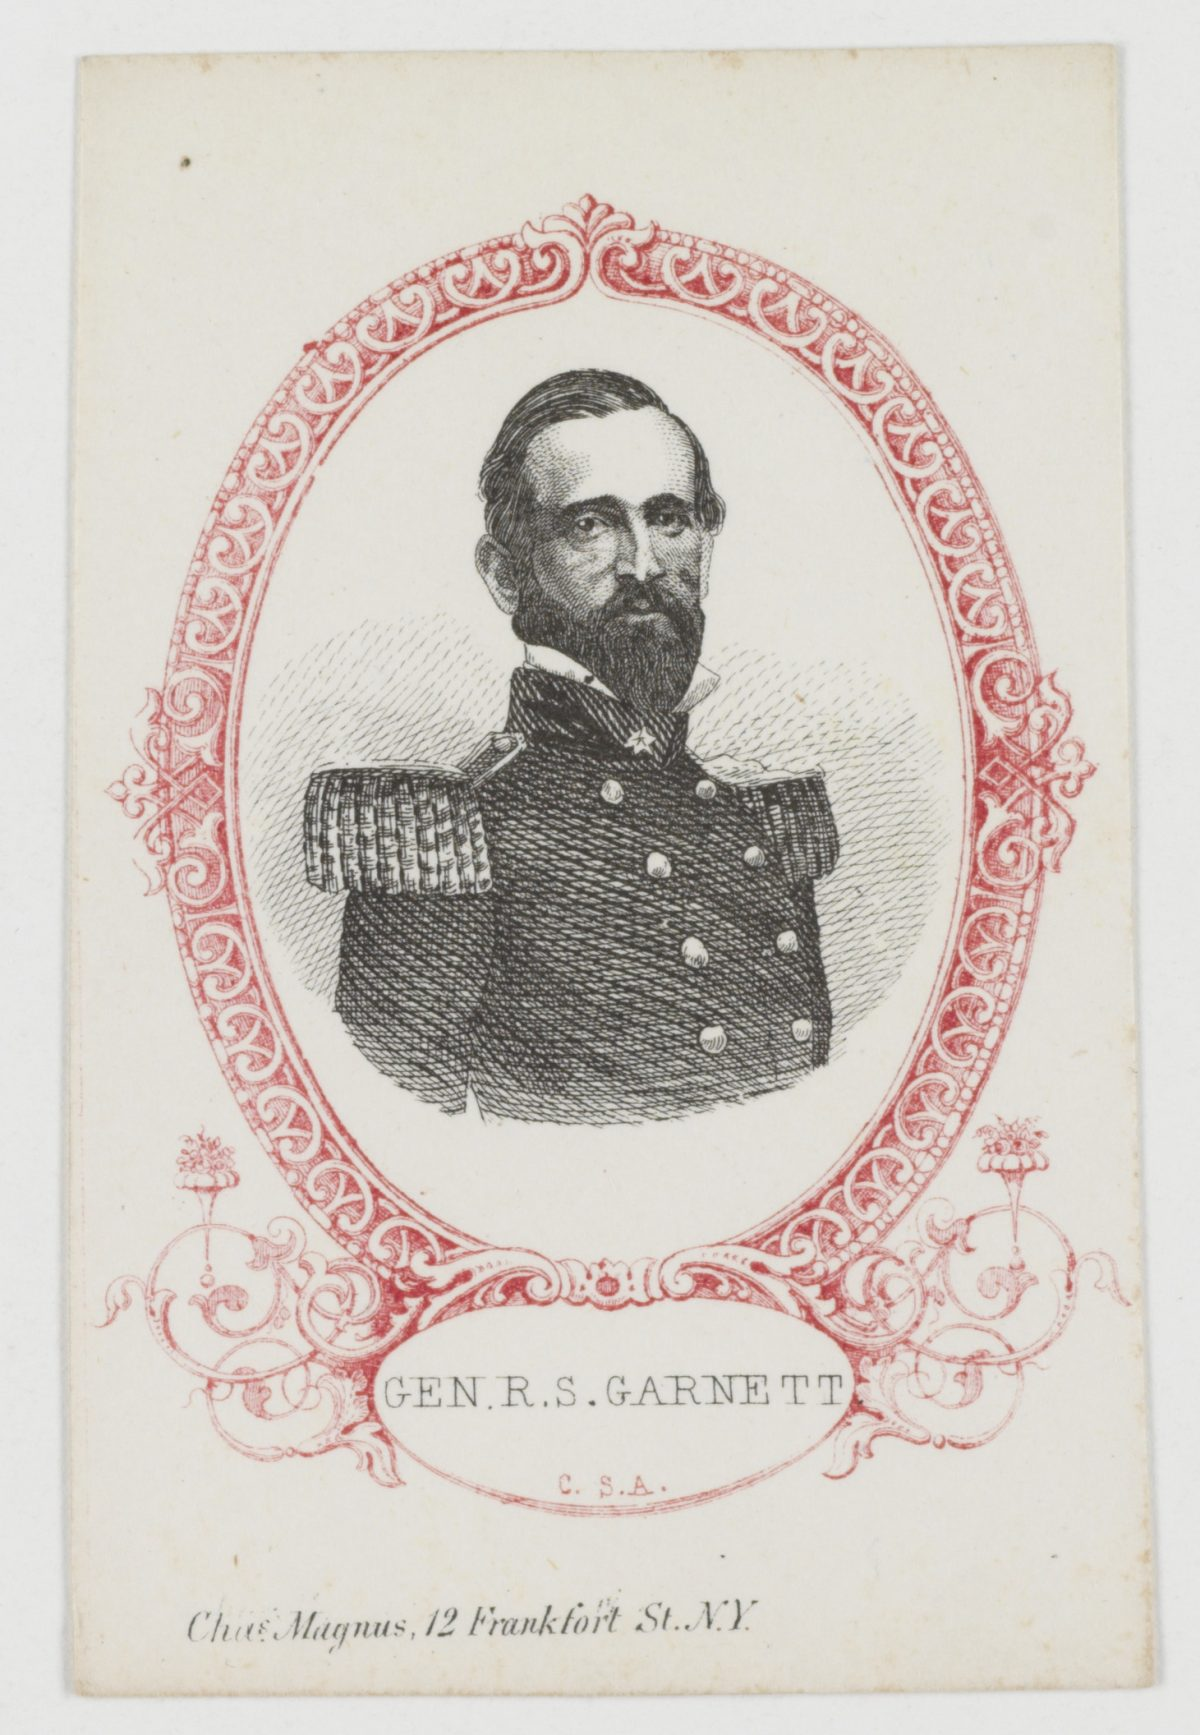 Robert S. Garnett